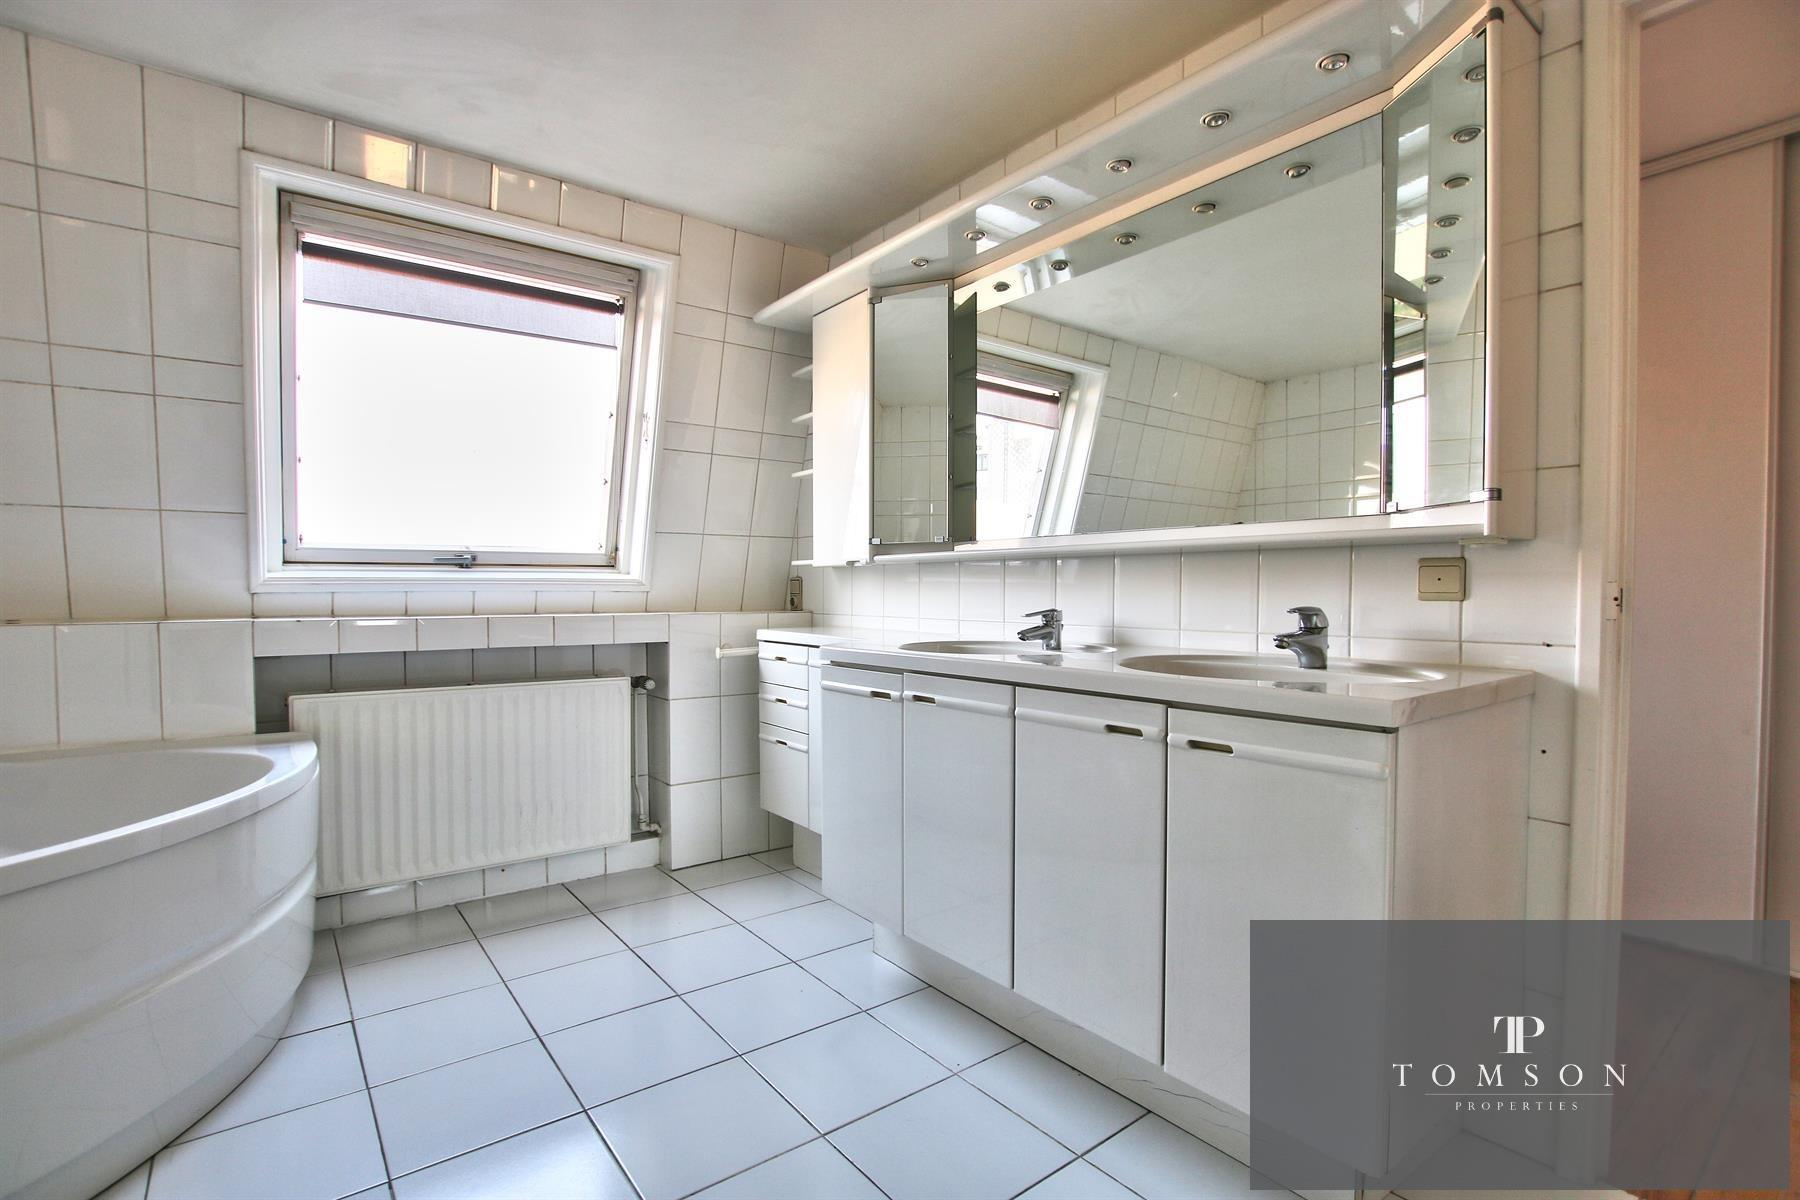 Maison - Woluwe-Saint-Lambert - #4496637-11